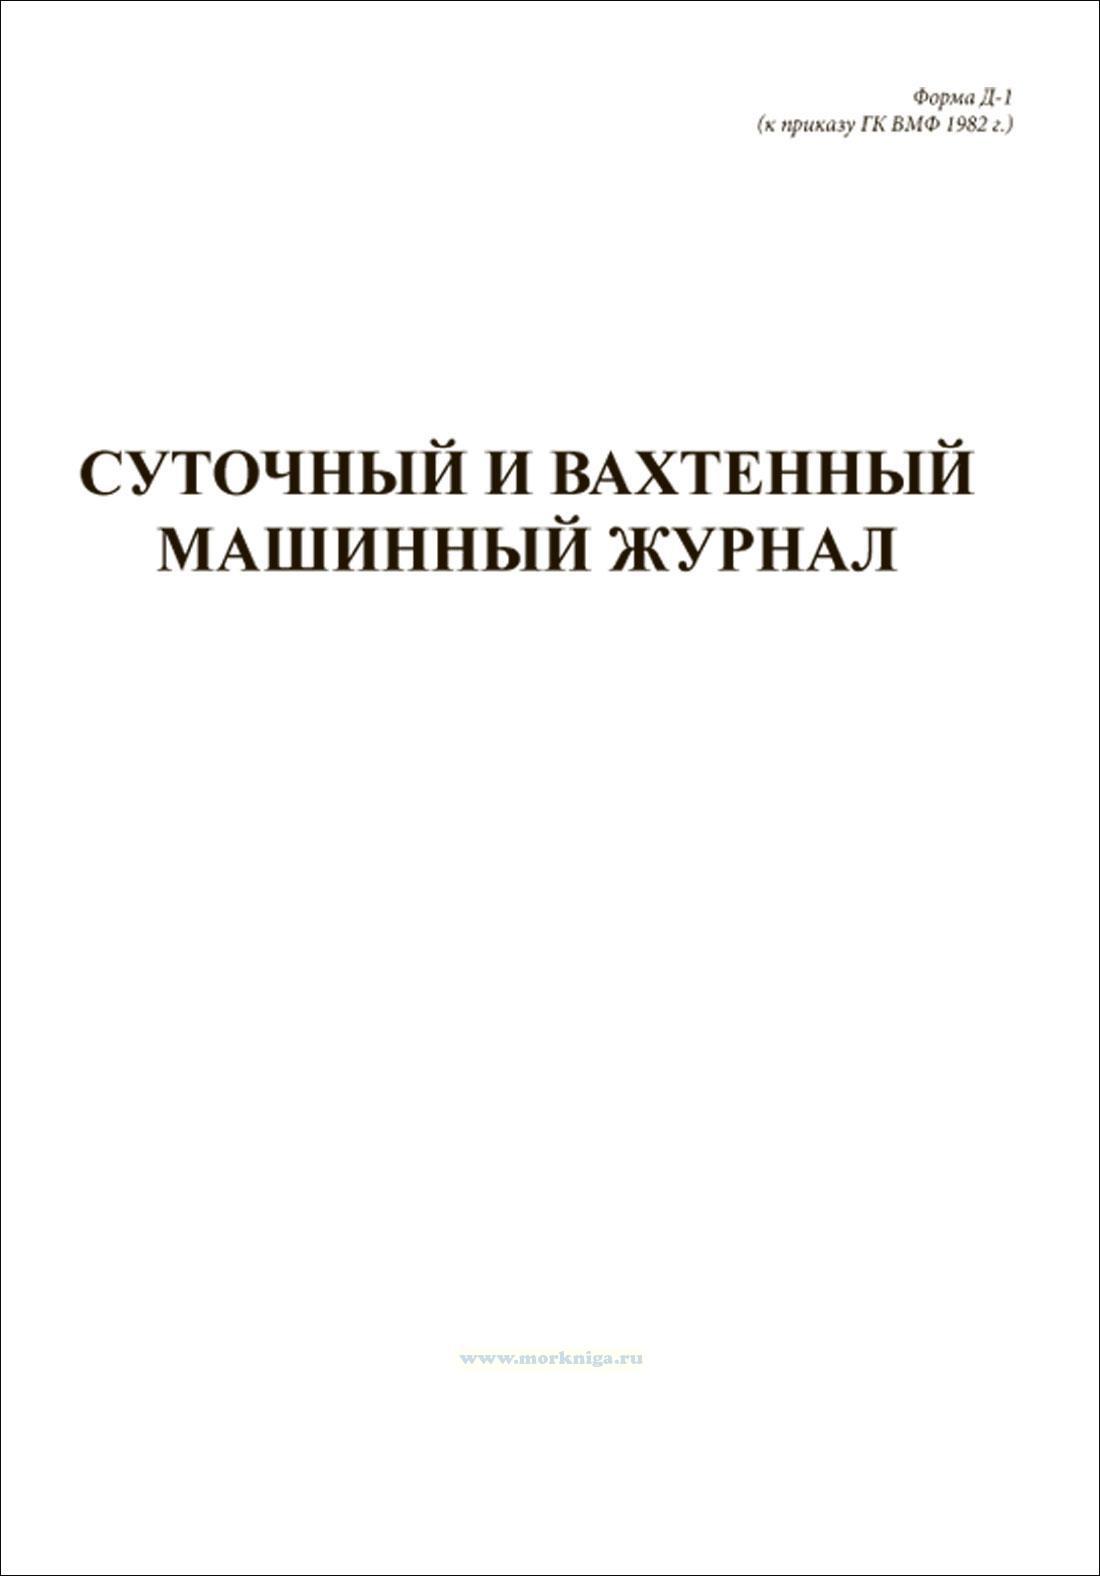 Суточный и вахтенный машинный журнал (форма Д-1)